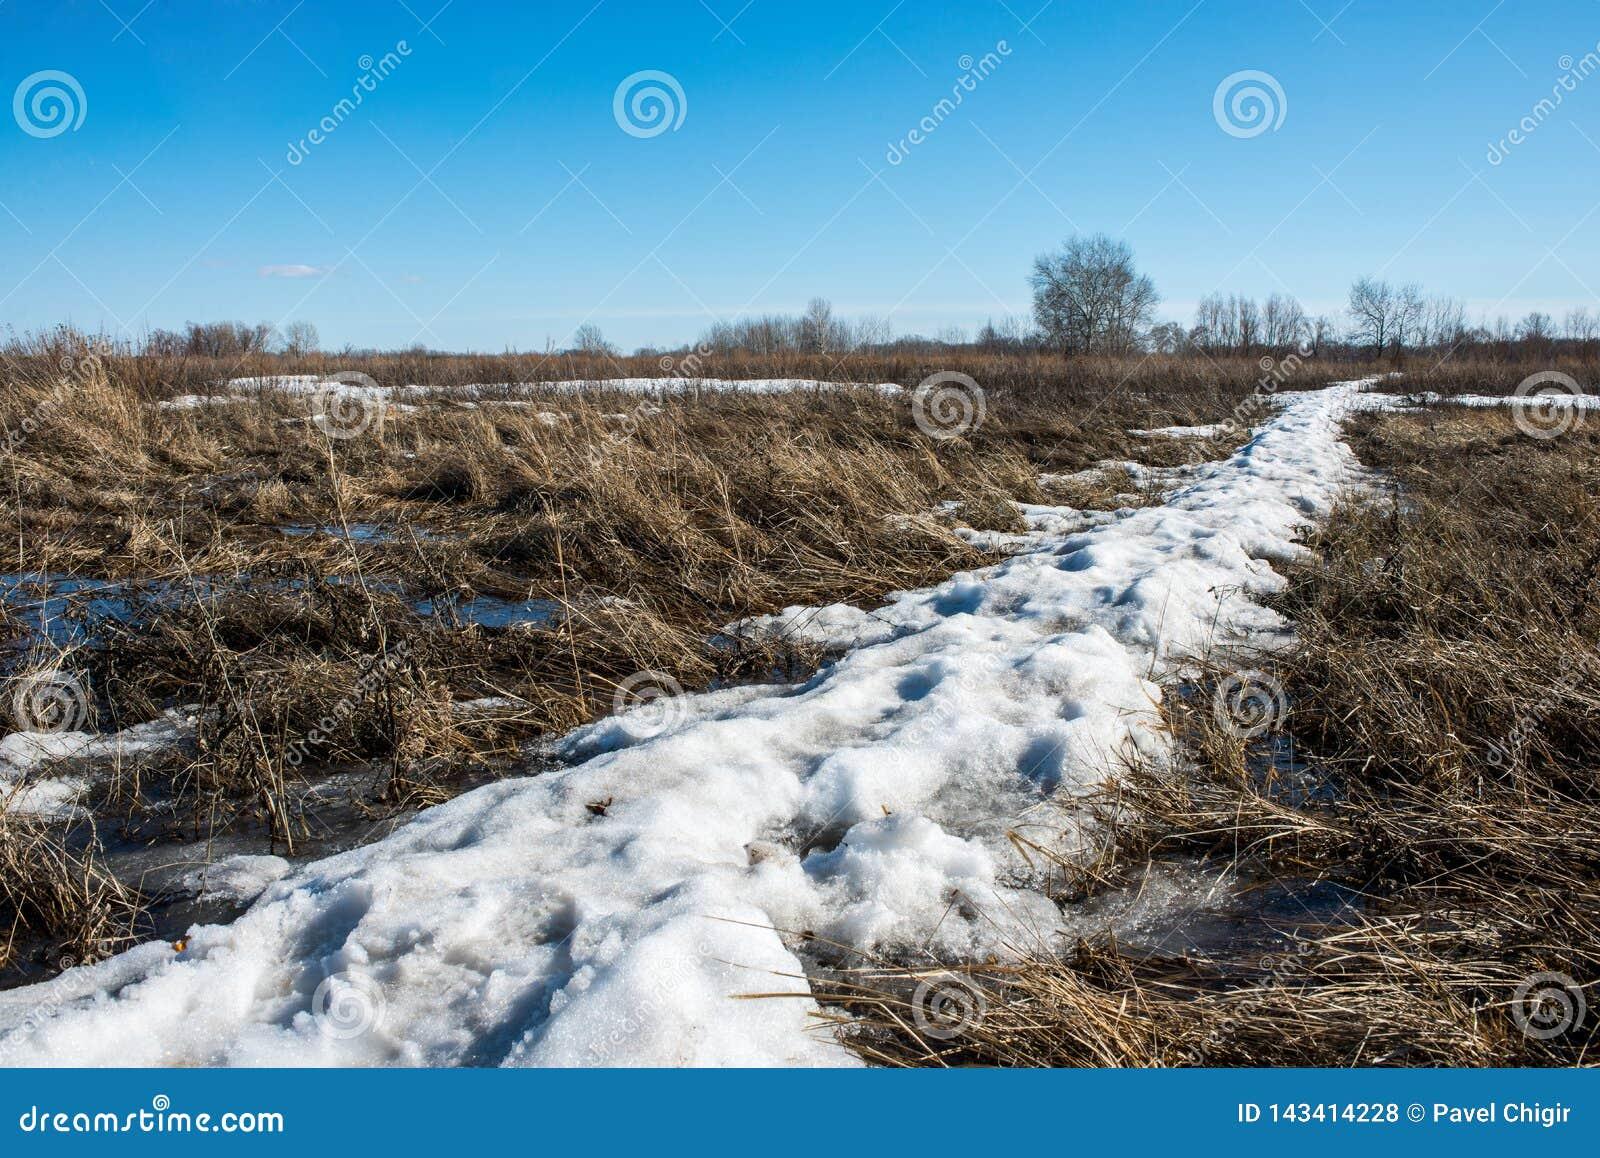 La neige fond et l eau accumulée de fonte forme un marais